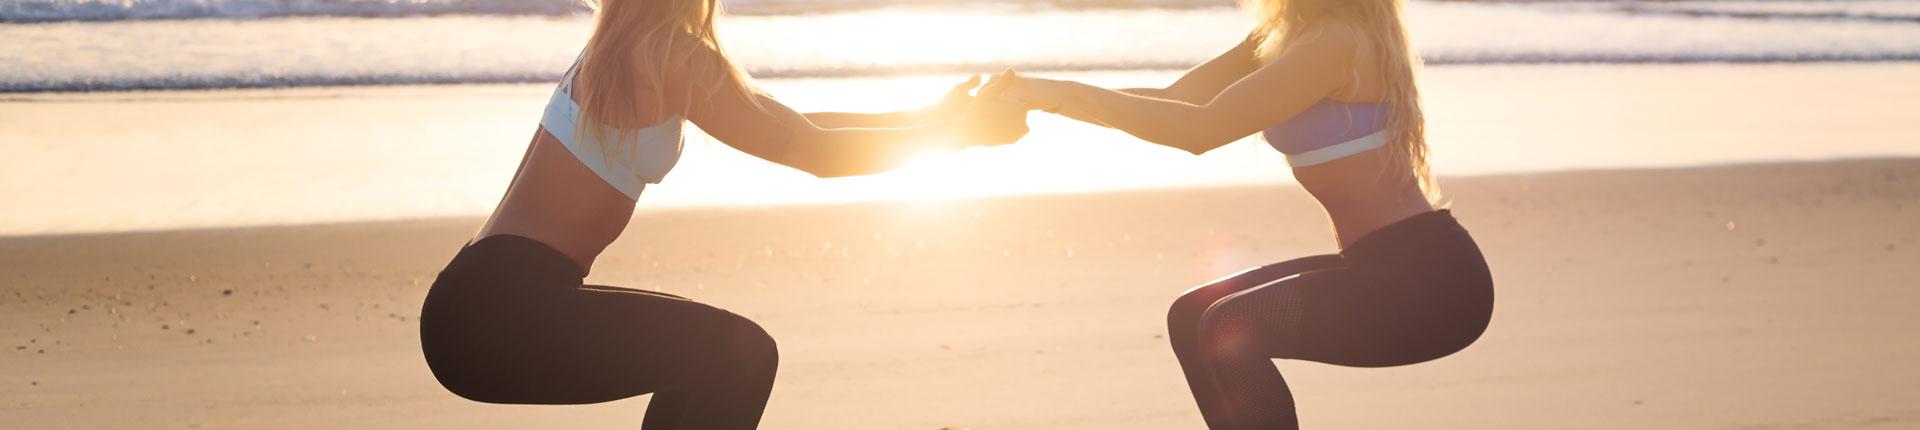 Nuda na plaży? Zrób trening! Zestaw ćwiczeń do wykonania na plaży